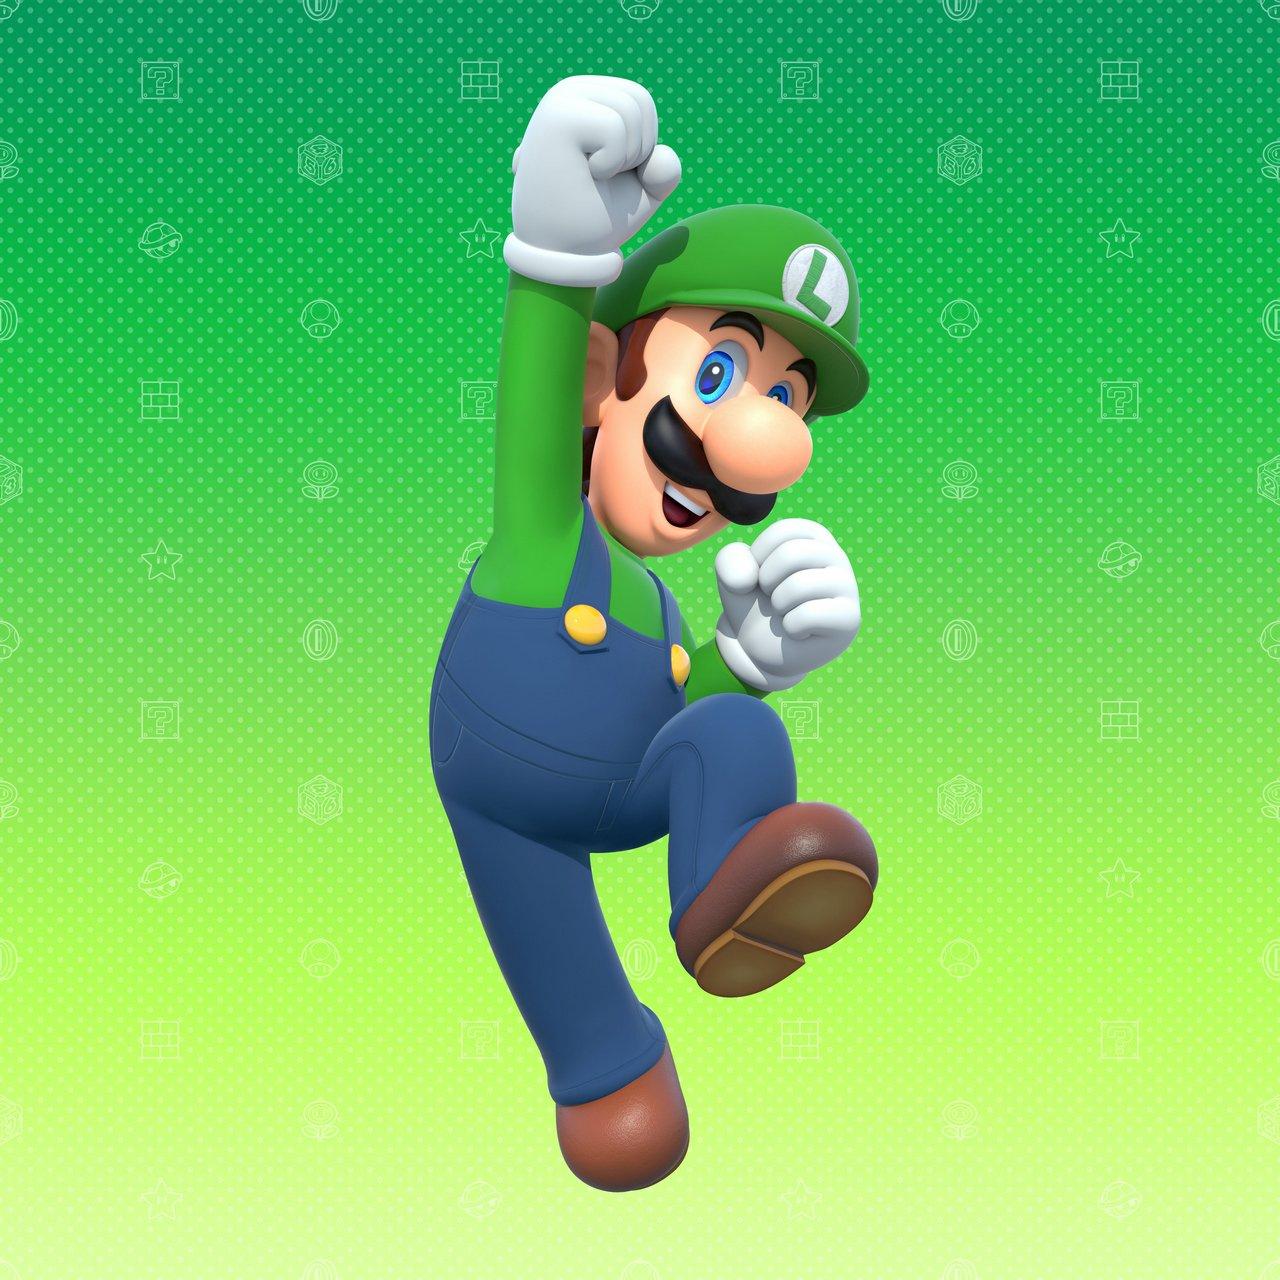 Mario party 10 official art released mario party legacy - Luigi mario party ...